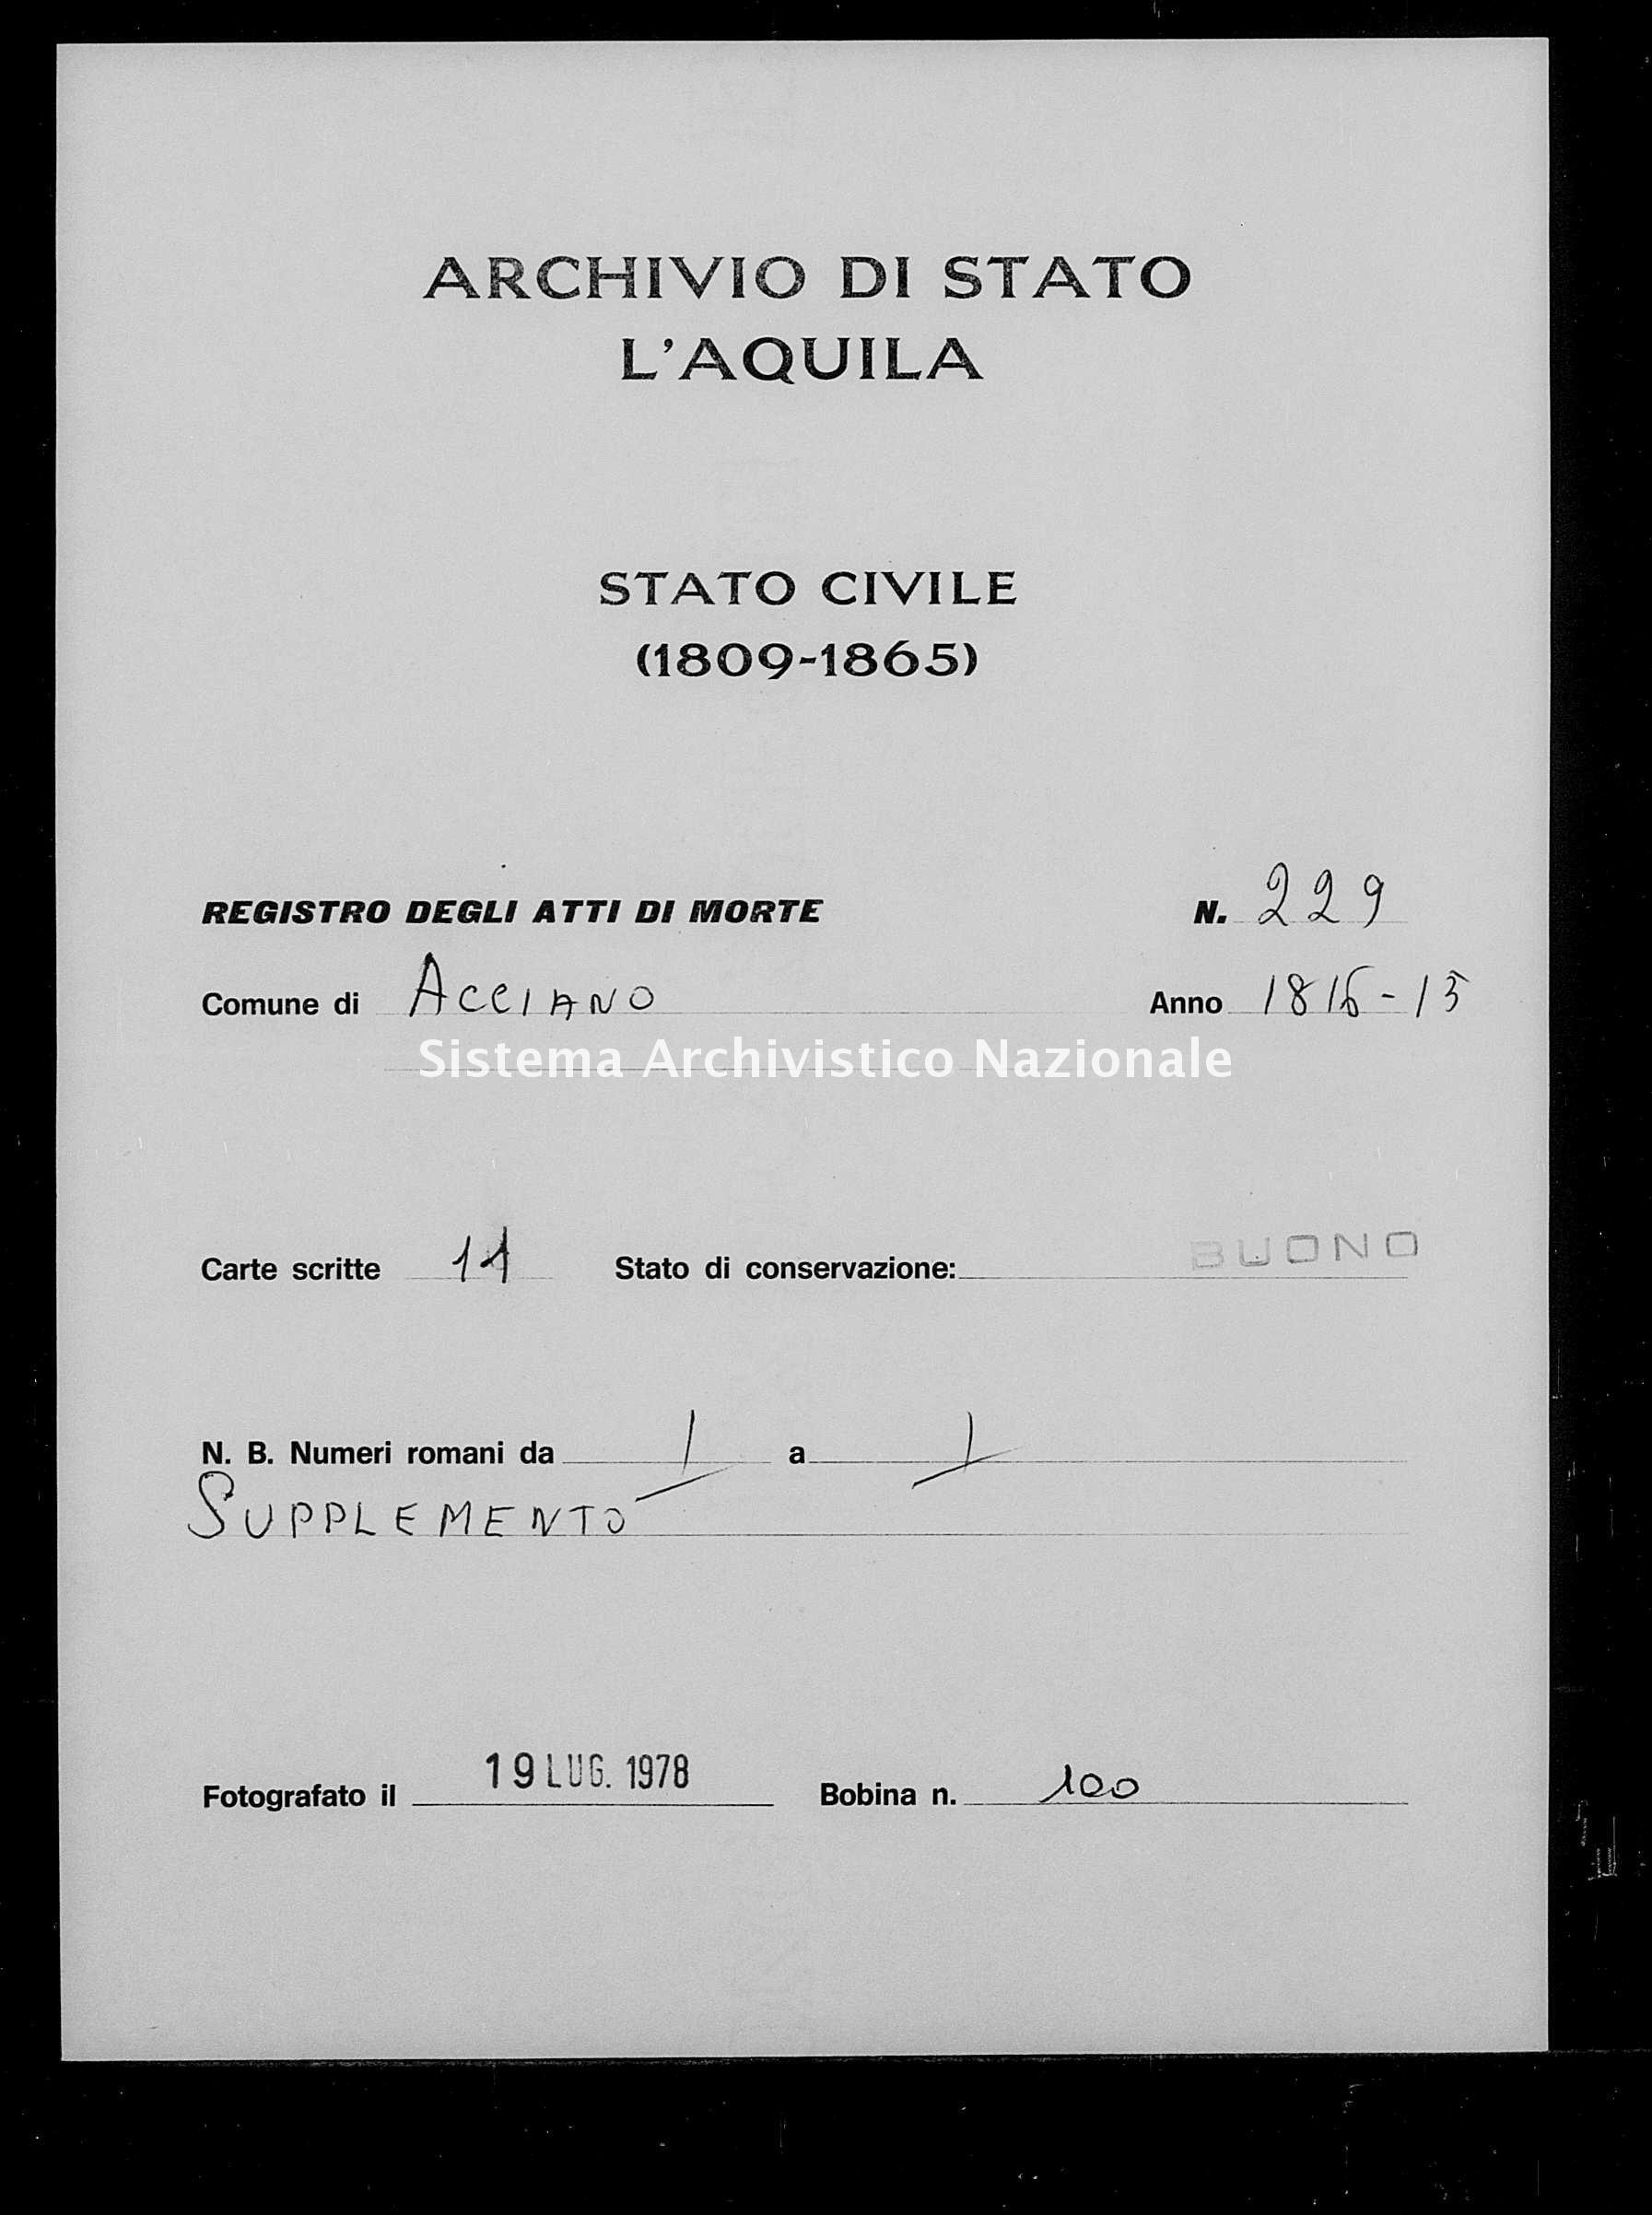 Archivio di stato di L'aquila - Stato civile della restaurazione - Acciano - Morti - 1816 - 229 -